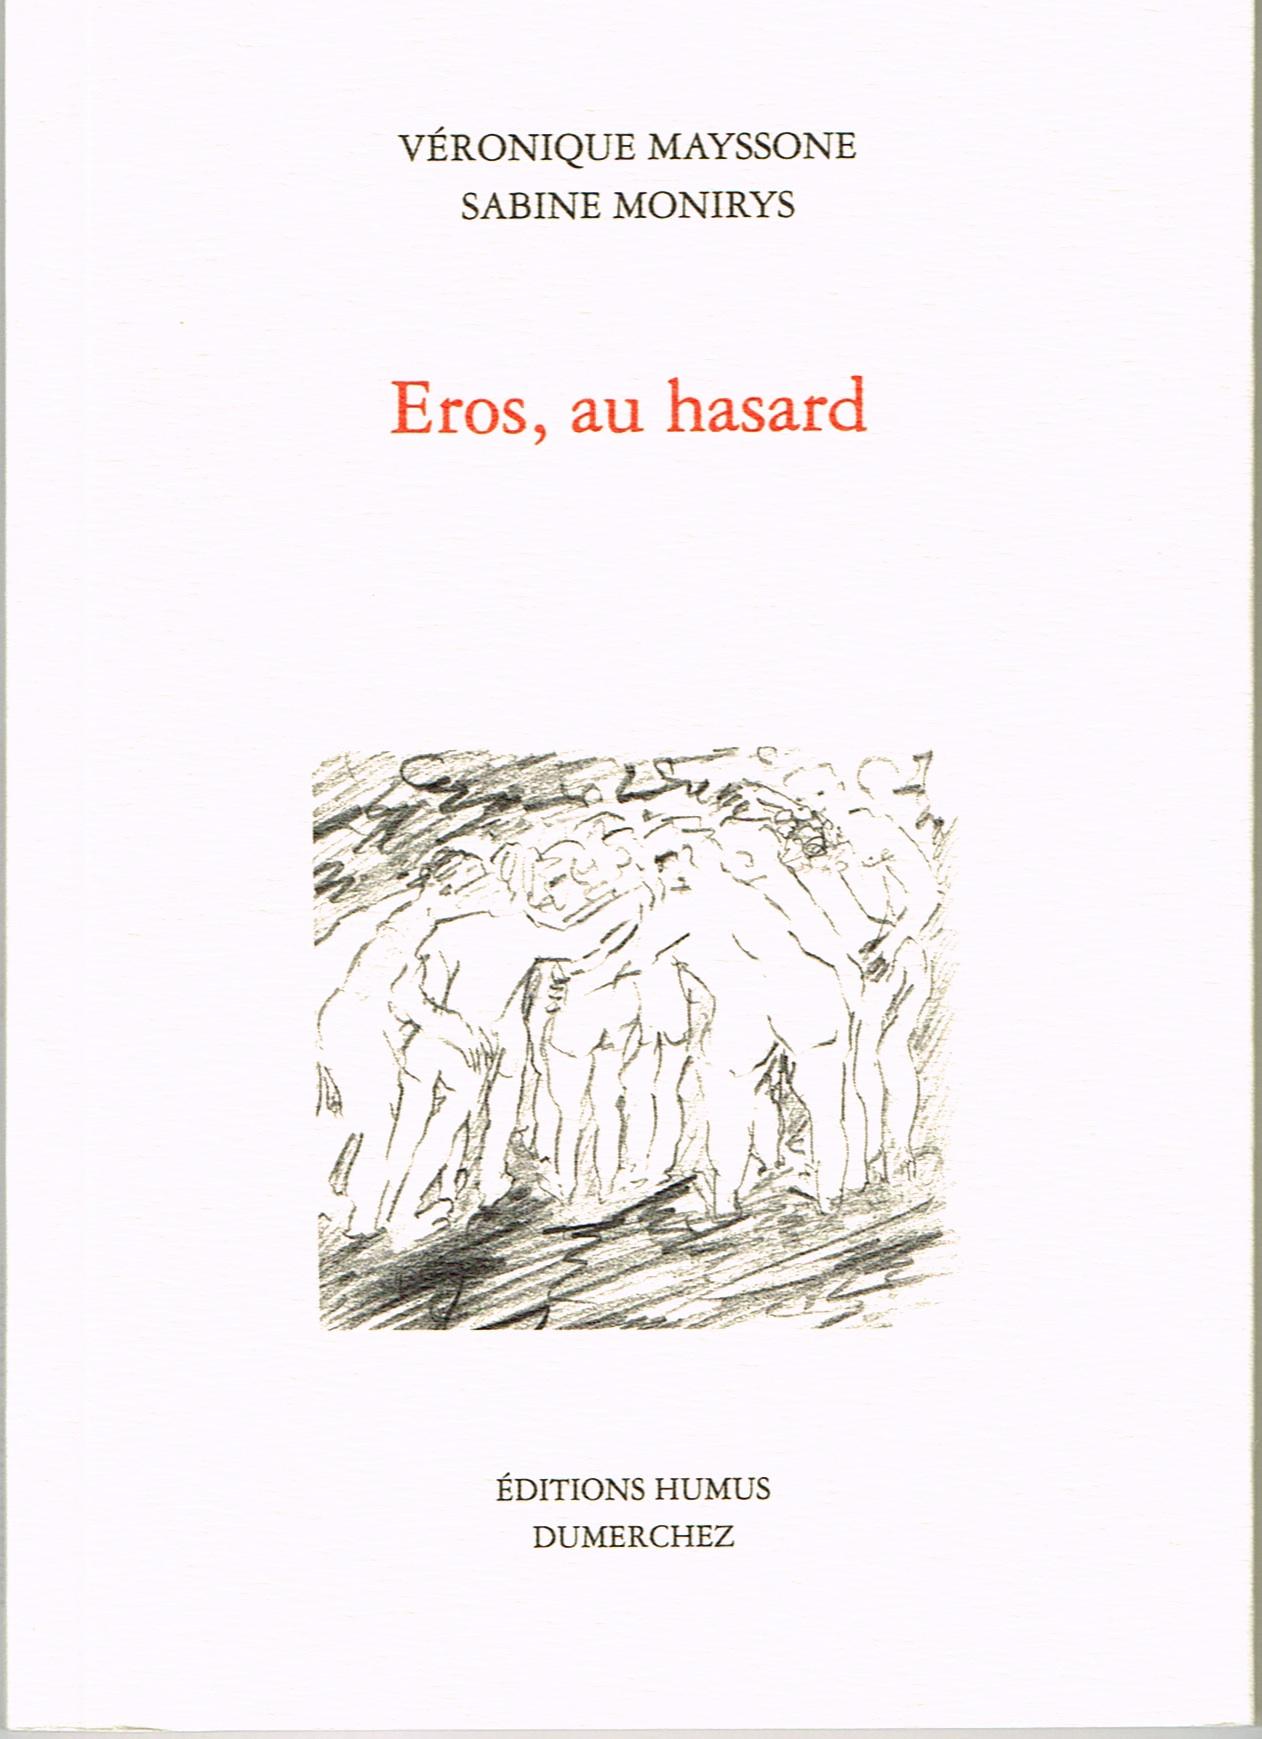 Eros, au hasard